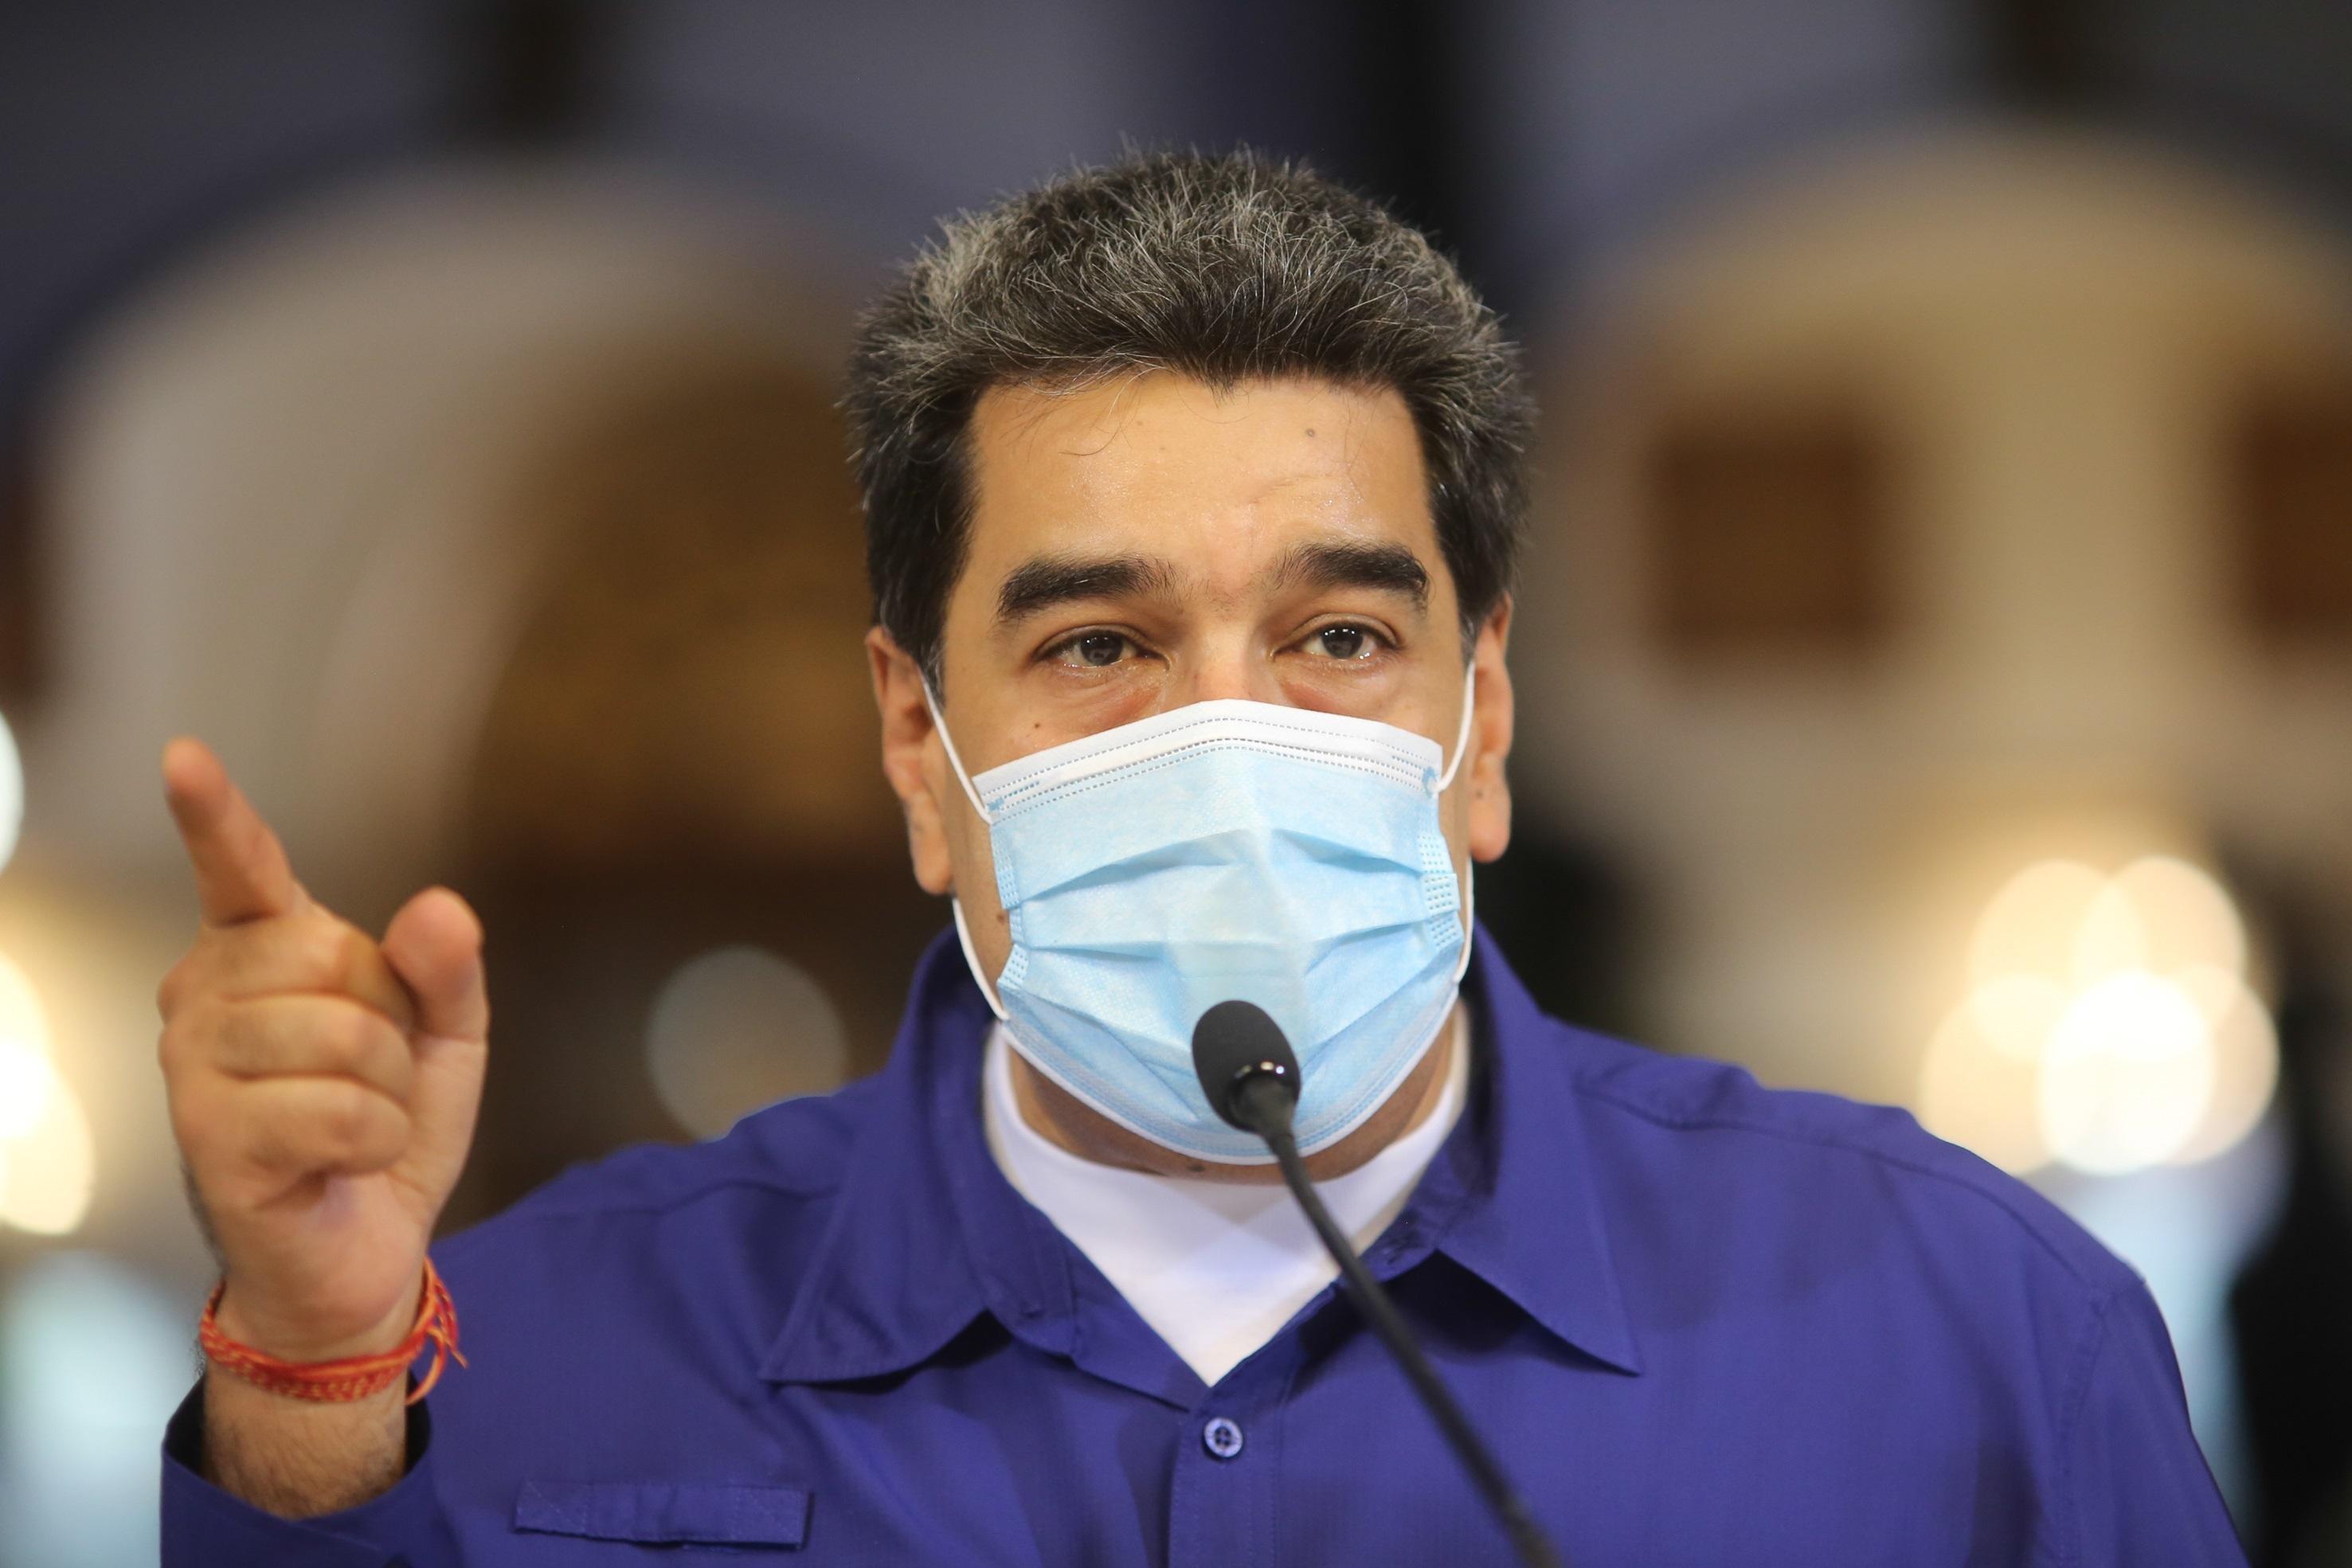 POLÍTICA. Nicolás Maduro recurre a alianzas con el crimen organizado internacional y el terrorismo que le resultan estratégicas. | Foto: Efe